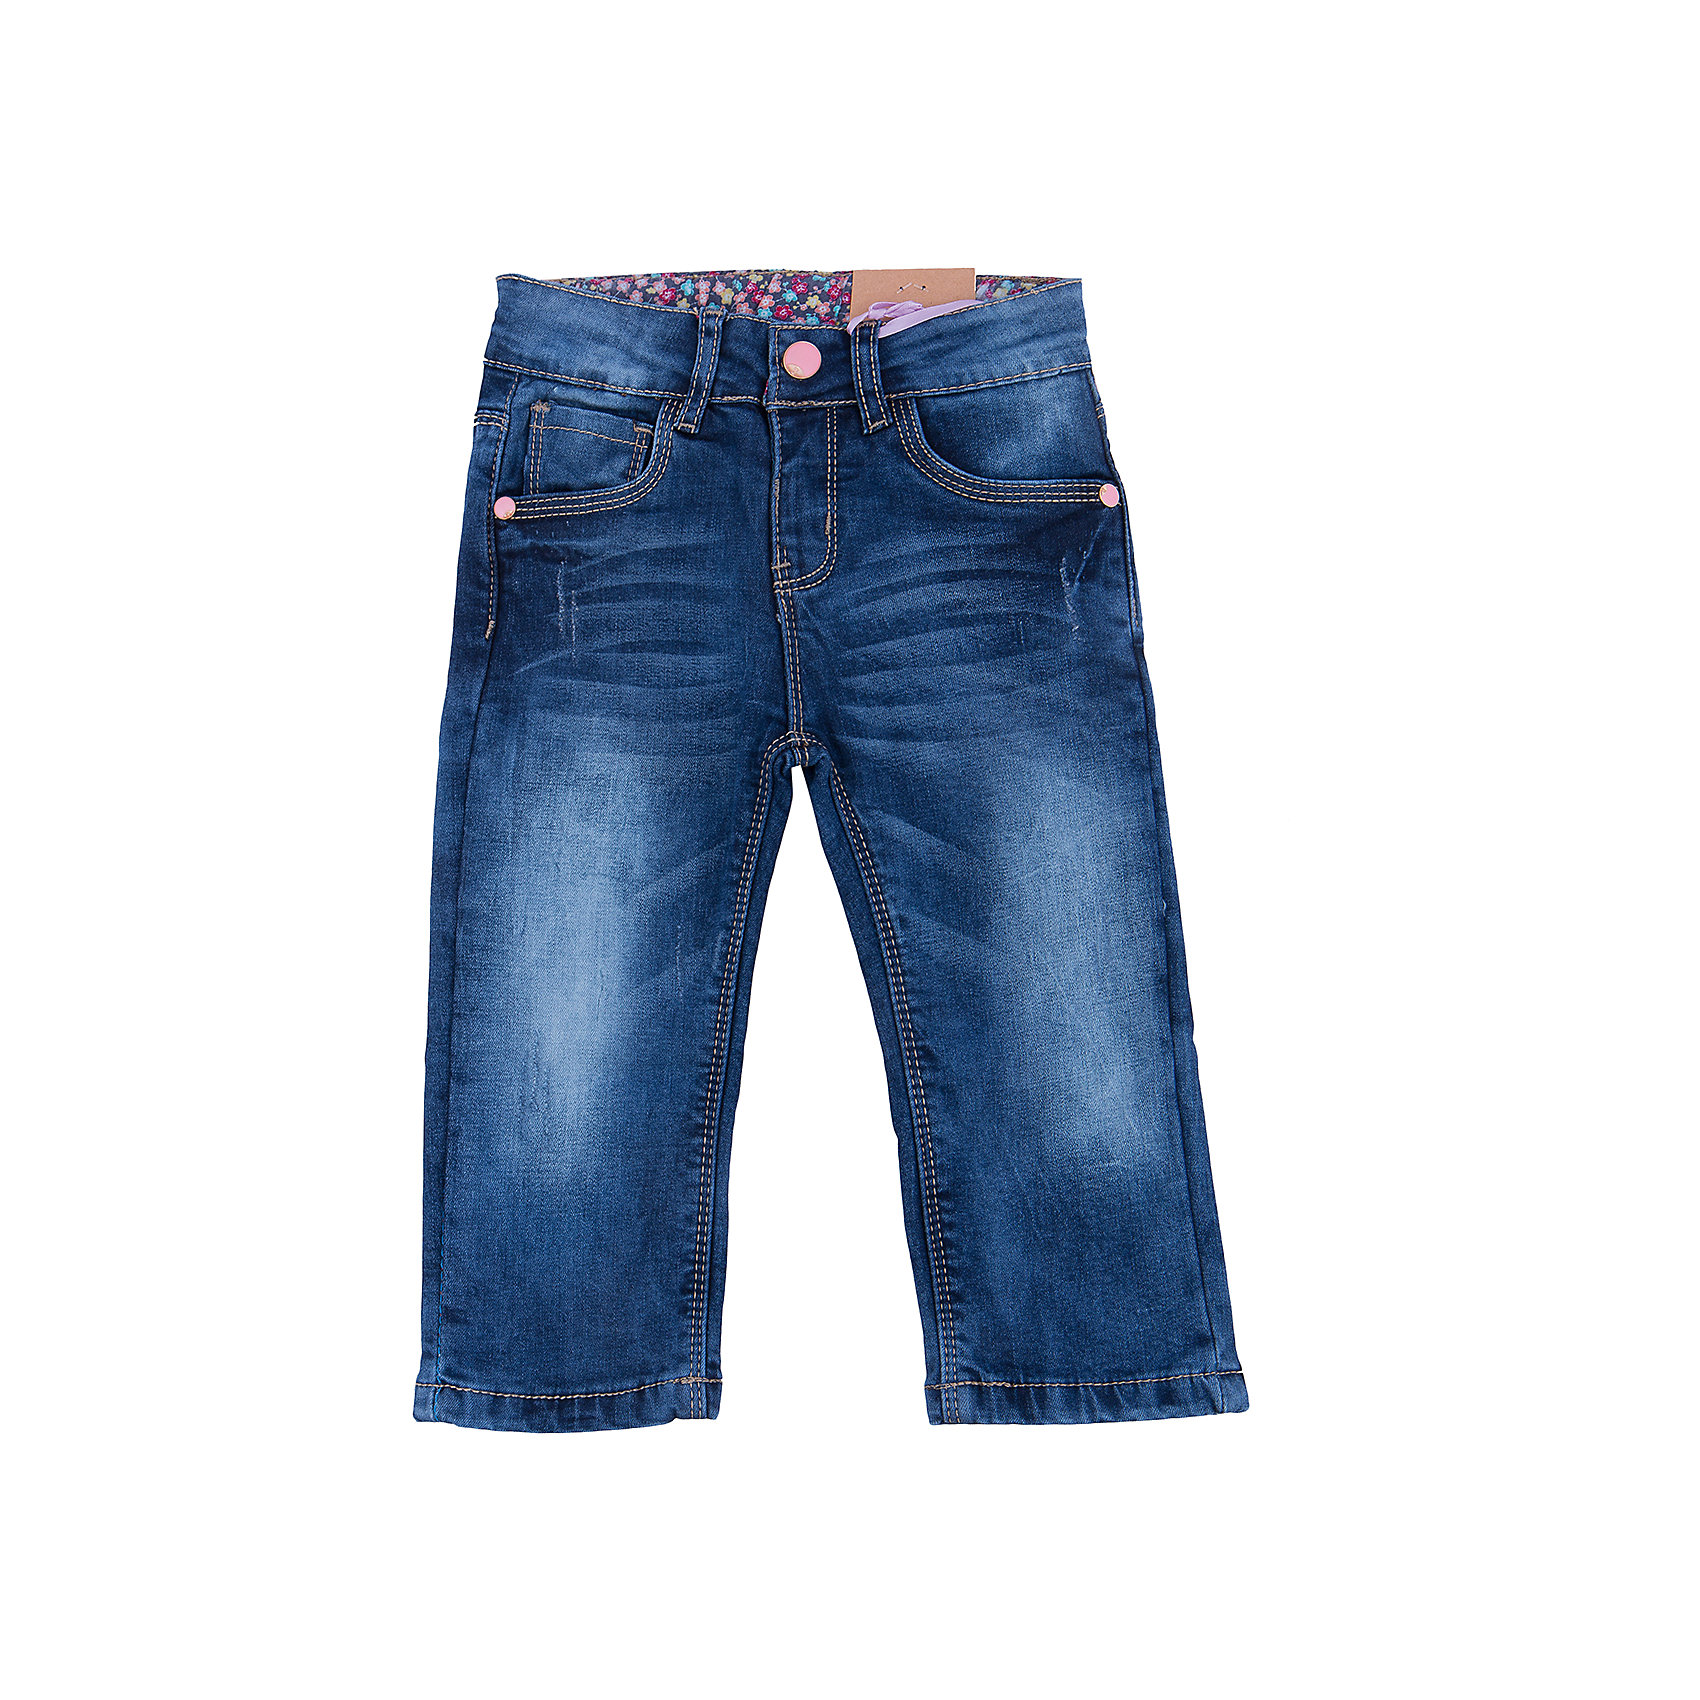 Джинсы для девочки Sweet BerryДжинсовая одежда<br>Такая модель джинсов для девочки отличается модным дизайном с контрастной прострочкой и потертостями. Удачный крой обеспечит ребенку комфорт и тепло. Мягкая подкладка делает вещь идеальной для повседневного ношения. Она плотно прилегает к телу там, где нужно, и отлично сидит по фигуре. Джинсы имеют удобный пояс с регулировкой внутри. Натуральный хлопок обеспечит коже возможность дышать и не вызовет аллергии.<br>Одежда от бренда Sweet Berry - это простой и выгодный способ одеть ребенка удобно и стильно. Всё изделия тщательно проработаны: швы - прочные, материал - качественный, фурнитура - подобранная специально для детей. <br><br>Дополнительная информация:<br><br>цвет: синий;<br>имитация потертостей;<br>материал: верх - 98% хлопок, 2% эластан, подкладка - 100% хлопок;<br>пояс с регулировкой внутри.<br><br>Джинсы для девочки от бренда Sweet Berry можно купить в нашем интернет-магазине.<br><br>Ширина мм: 215<br>Глубина мм: 88<br>Высота мм: 191<br>Вес г: 336<br>Цвет: синий<br>Возраст от месяцев: 24<br>Возраст до месяцев: 36<br>Пол: Женский<br>Возраст: Детский<br>Размер: 98,80,86,92<br>SKU: 4931283